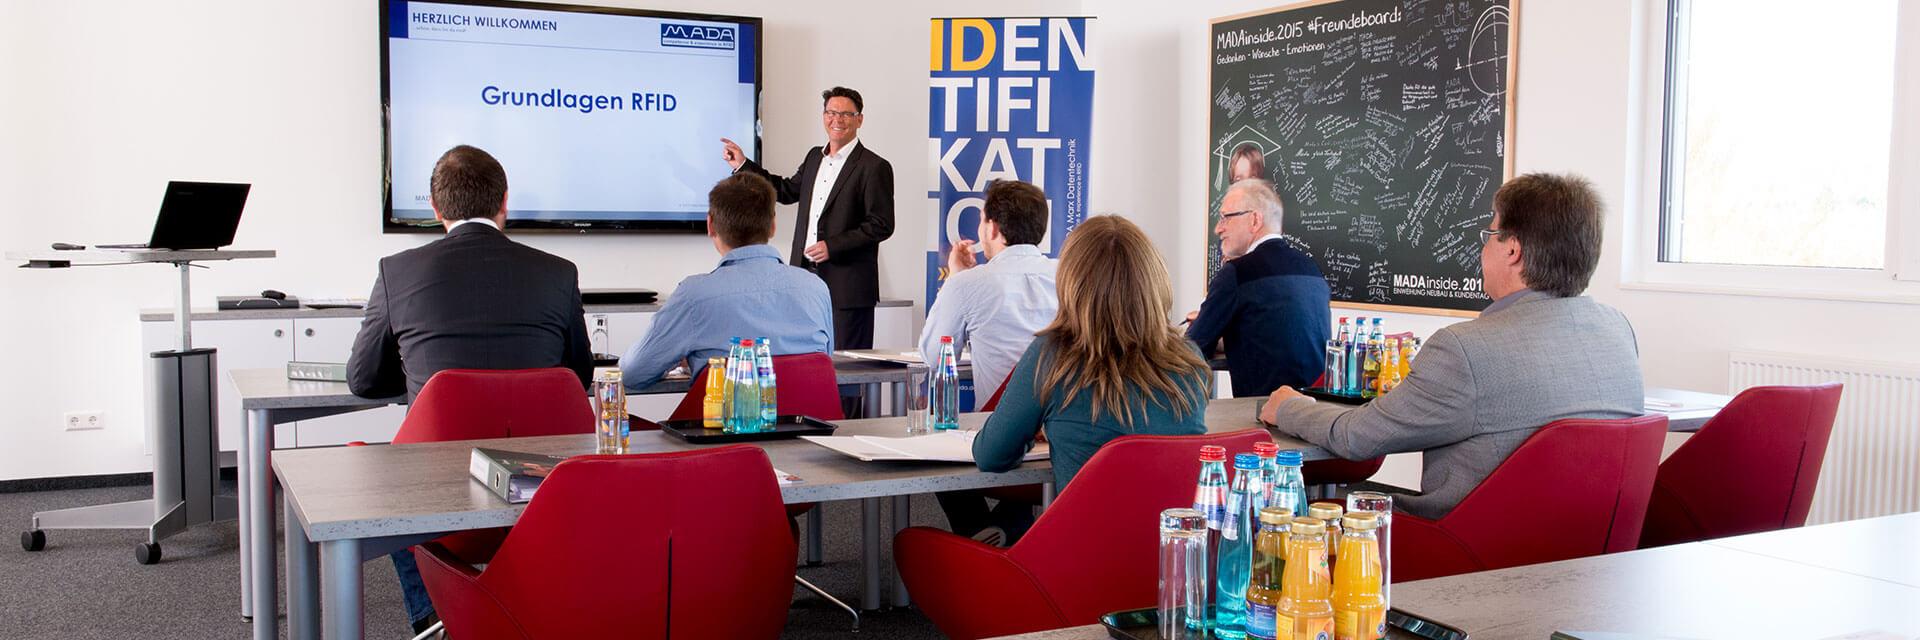 Schulungskurs Grundlagen RFID von Mada